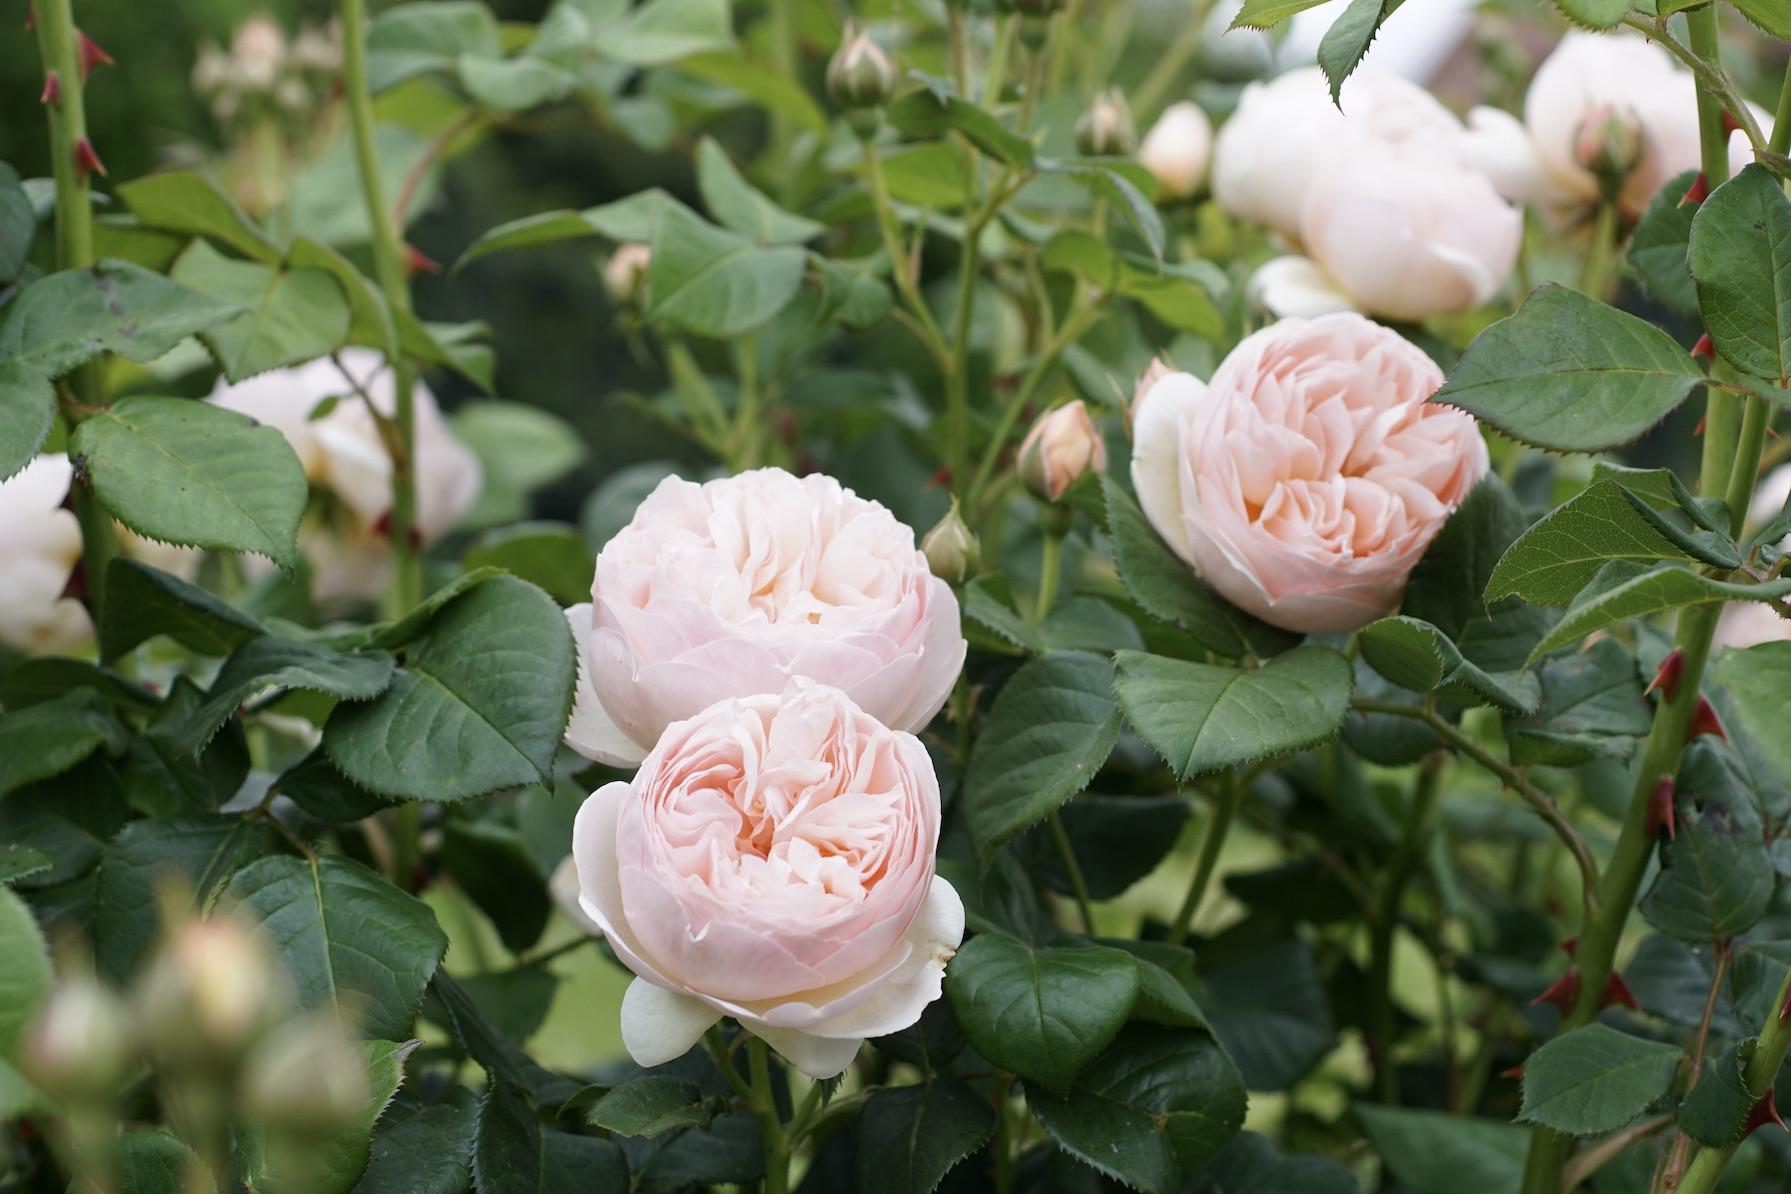 Rosier buisson Générosa® - Guillot N°1® - Roses Guillot®